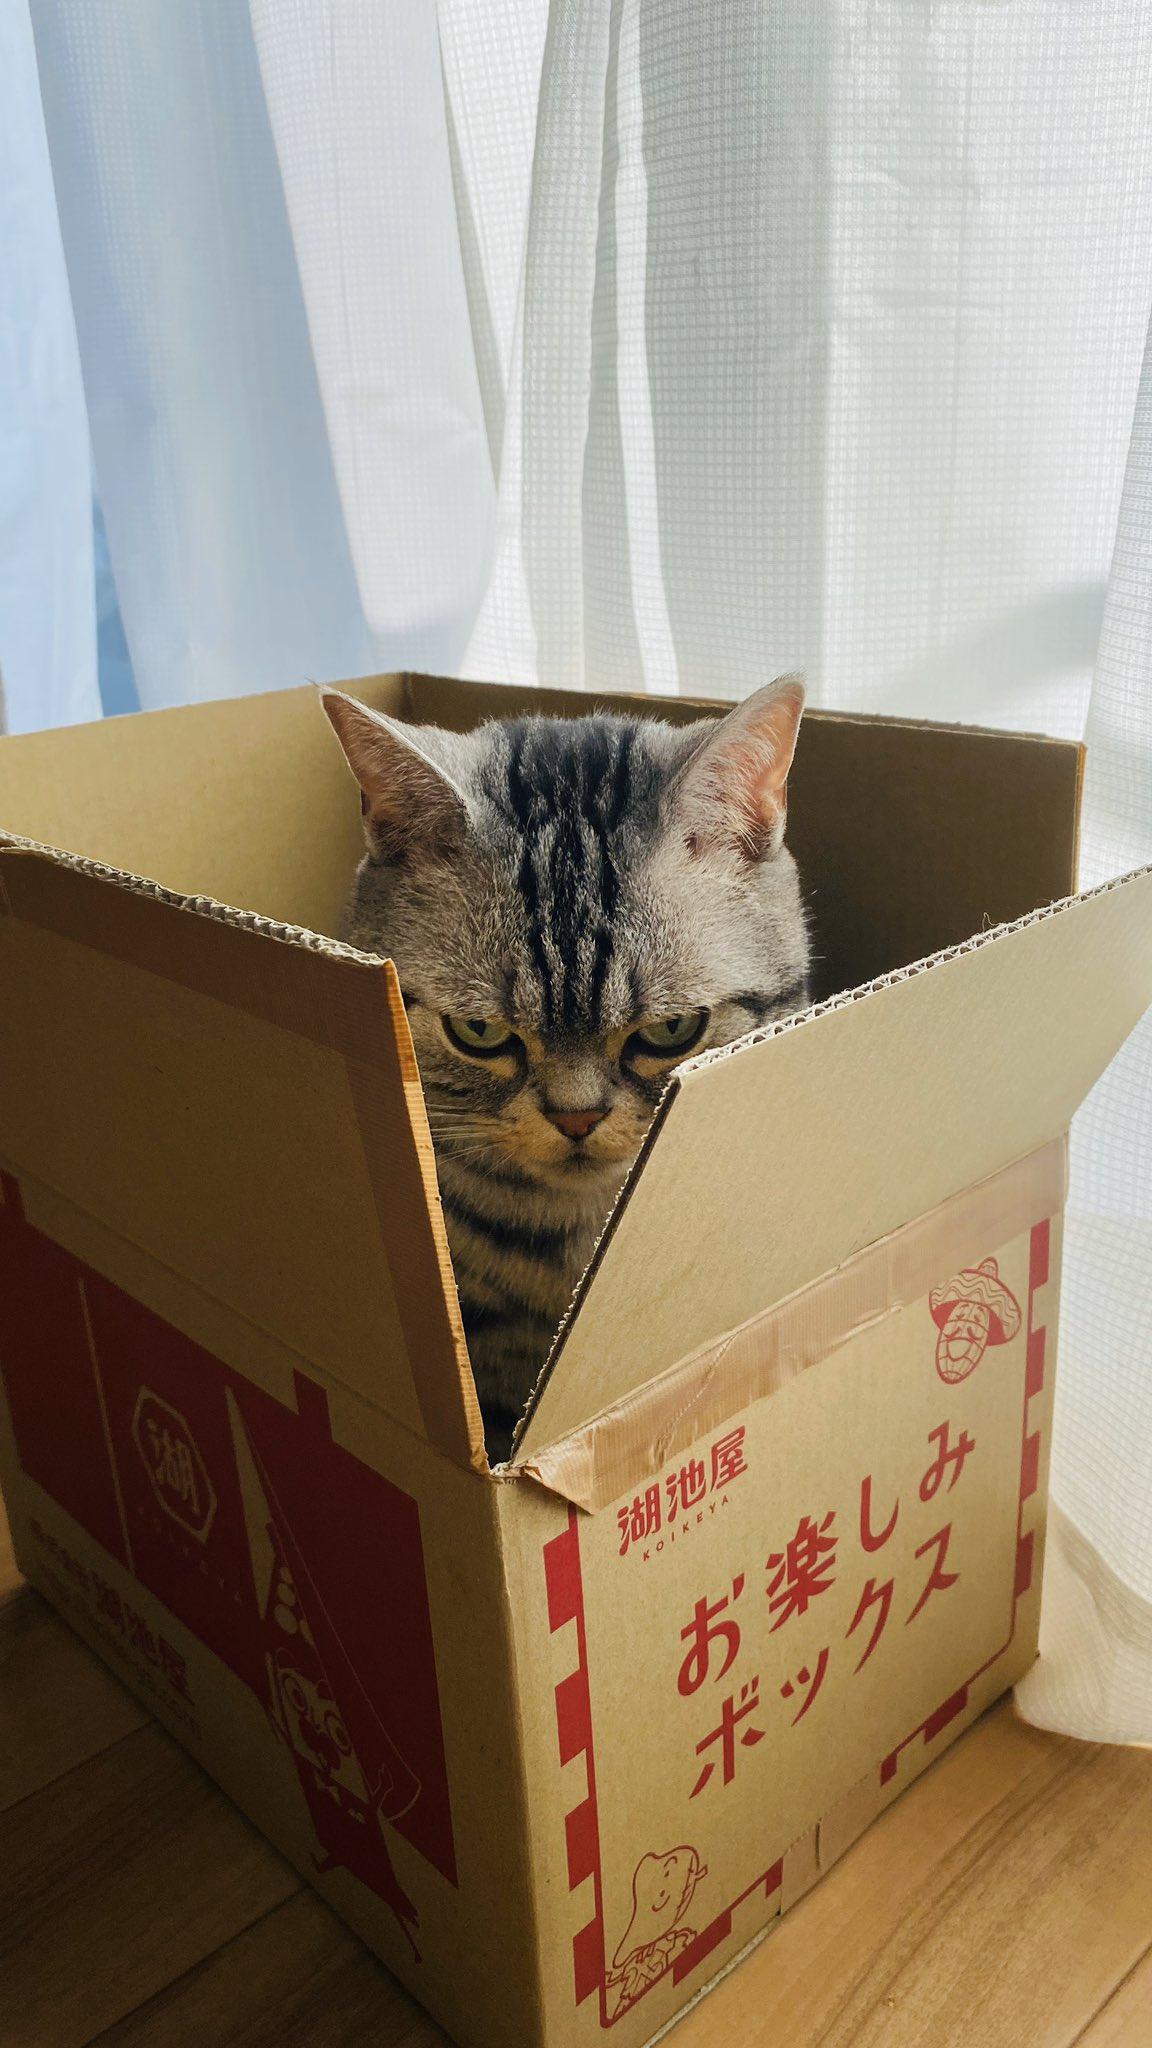 【猫ちゃん】めちゃくちゃ怖い顔をした「箱入り娘」を発見!